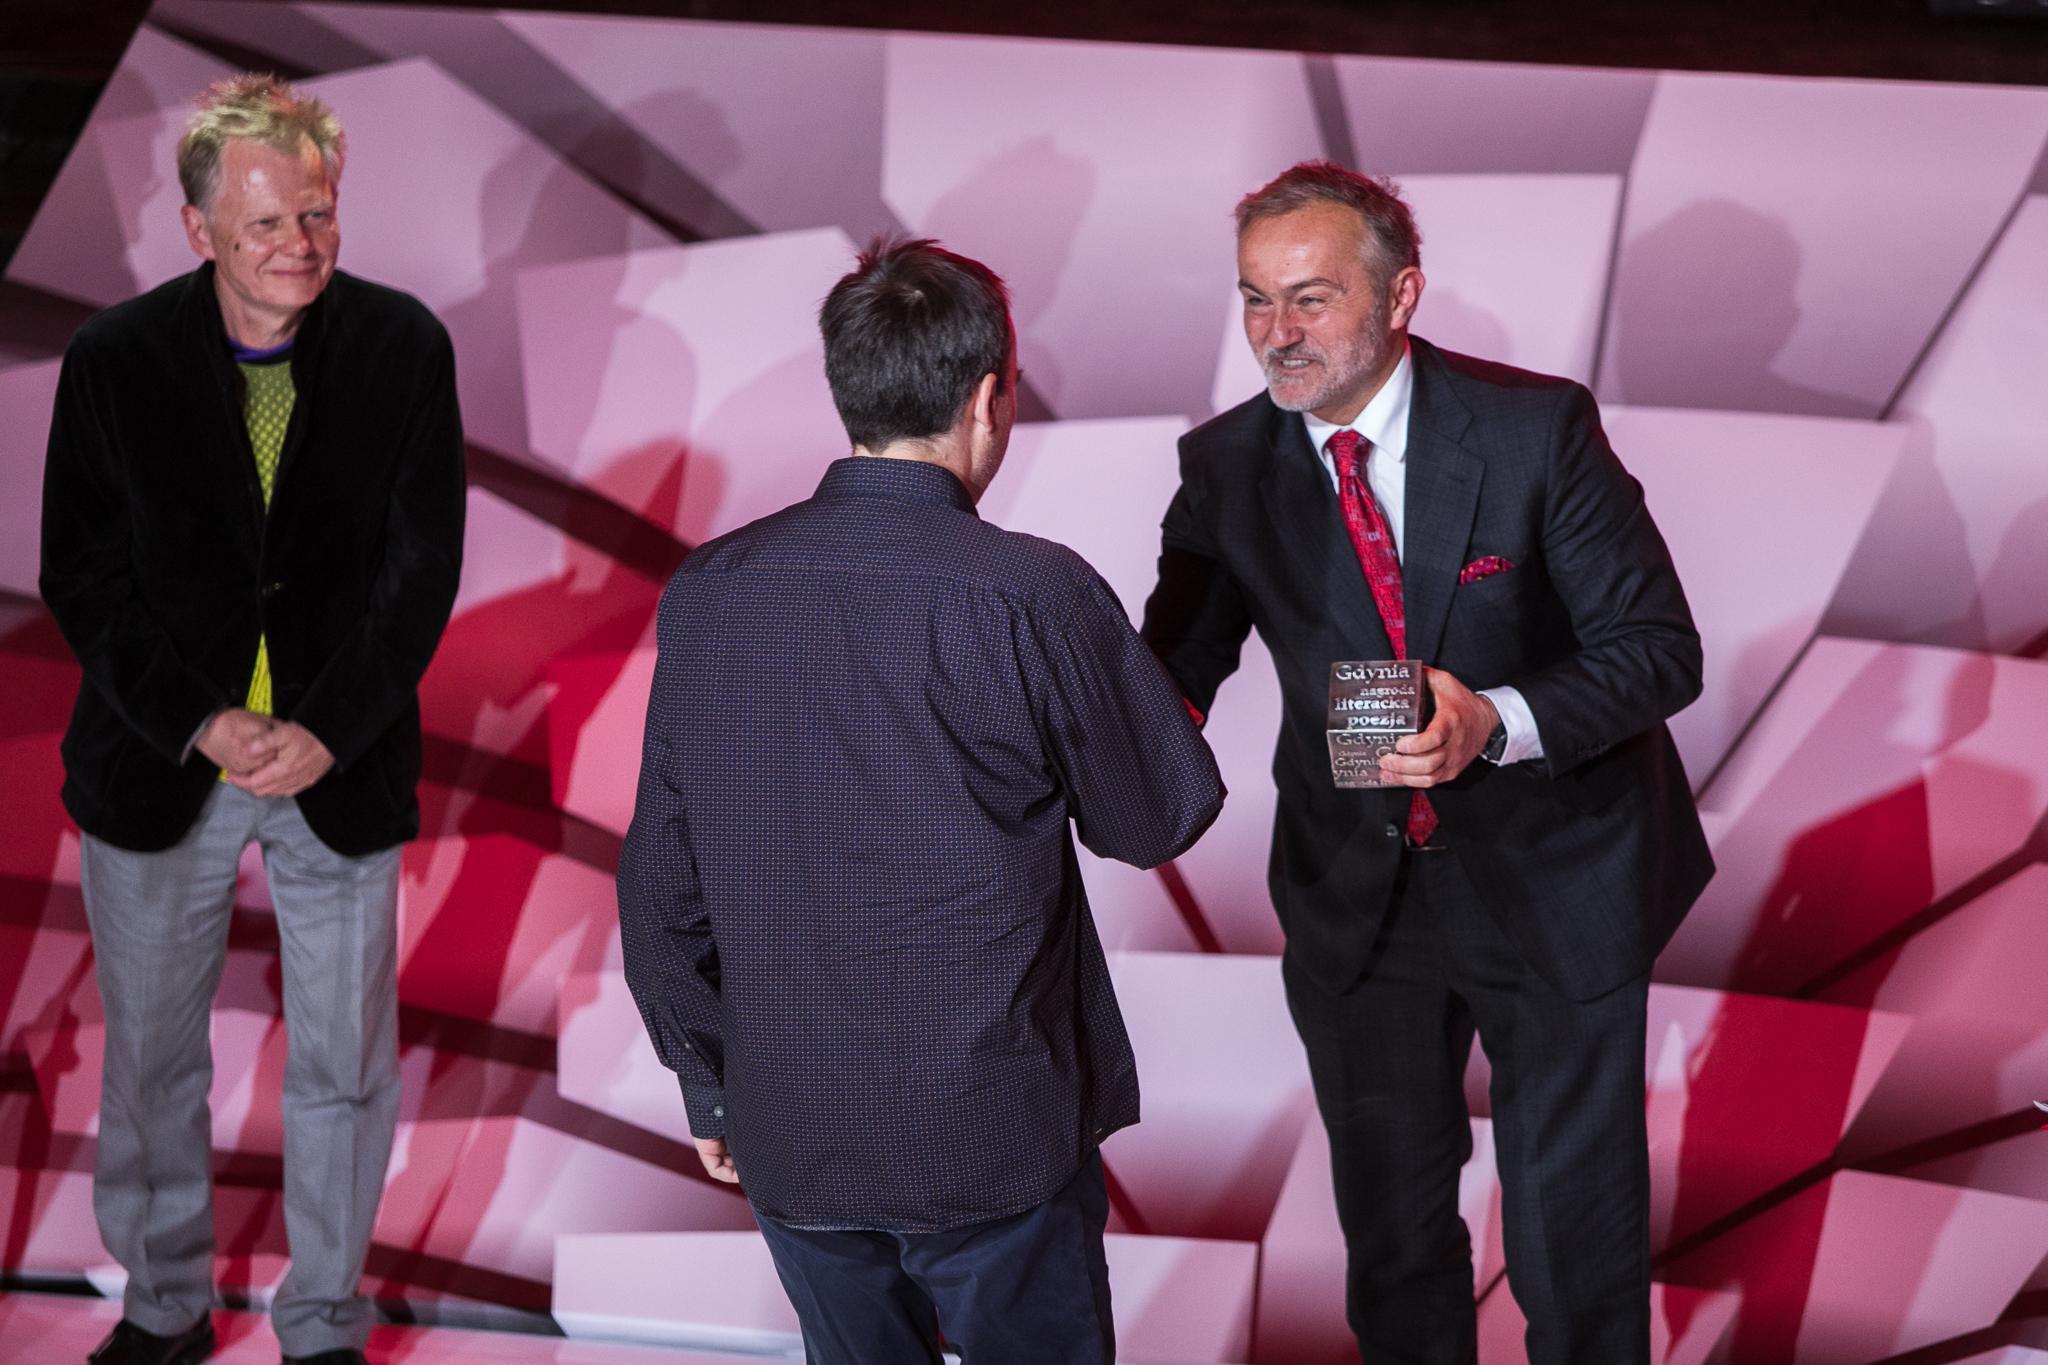 Dominik Bielicki odbiera nagrodę z rąk Wojciecha Szczurka, obok Aleksander Nawarecki/fot. Karol Stańczak